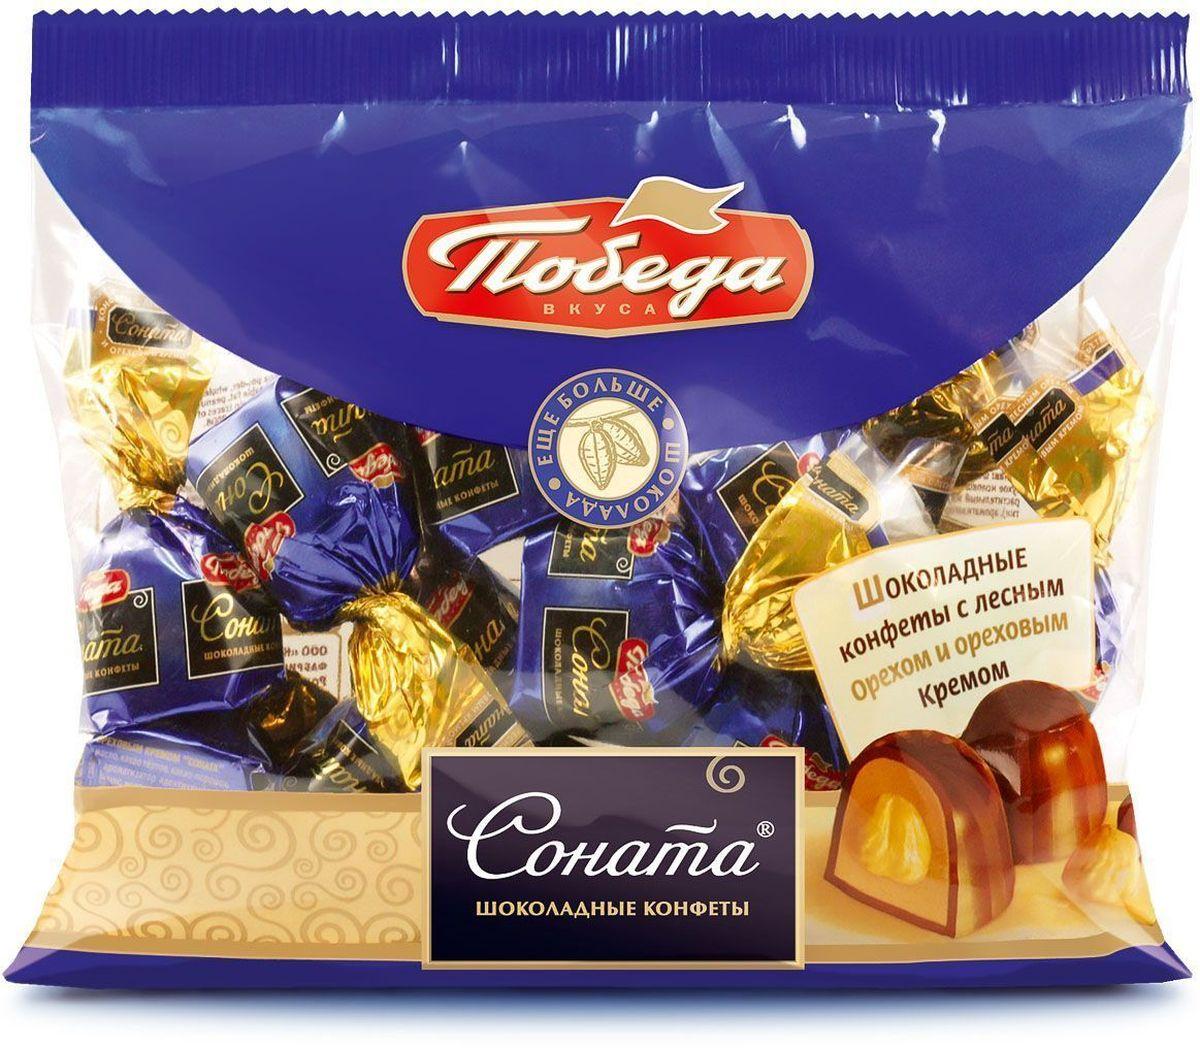 Победа вкуса Соната шоколадные конфеты с лесным орехом и ореховым кремом, 250 г4607039271935Это красивое и вкусное слово пралине впервые появилось во Франции в 18 веке. Шеф-повар знаменитого маршала и дипломата Цезара дю Плесси-Пралин (Cesar du Plessis-Praslin) назвал в его честь конфеты из тертого миндаля, покрытые шоколадом. Вслед за Францией и Бельгией, это наименование распространилось повсеместно и стало общепринятым названием для шоколадных конфет с разнообразными ореховыми начинками. Мы рады предложить вам конфеты пралине из тертого фундука с цельным орехом внутри, покрытые классическим молочным шоколадом.